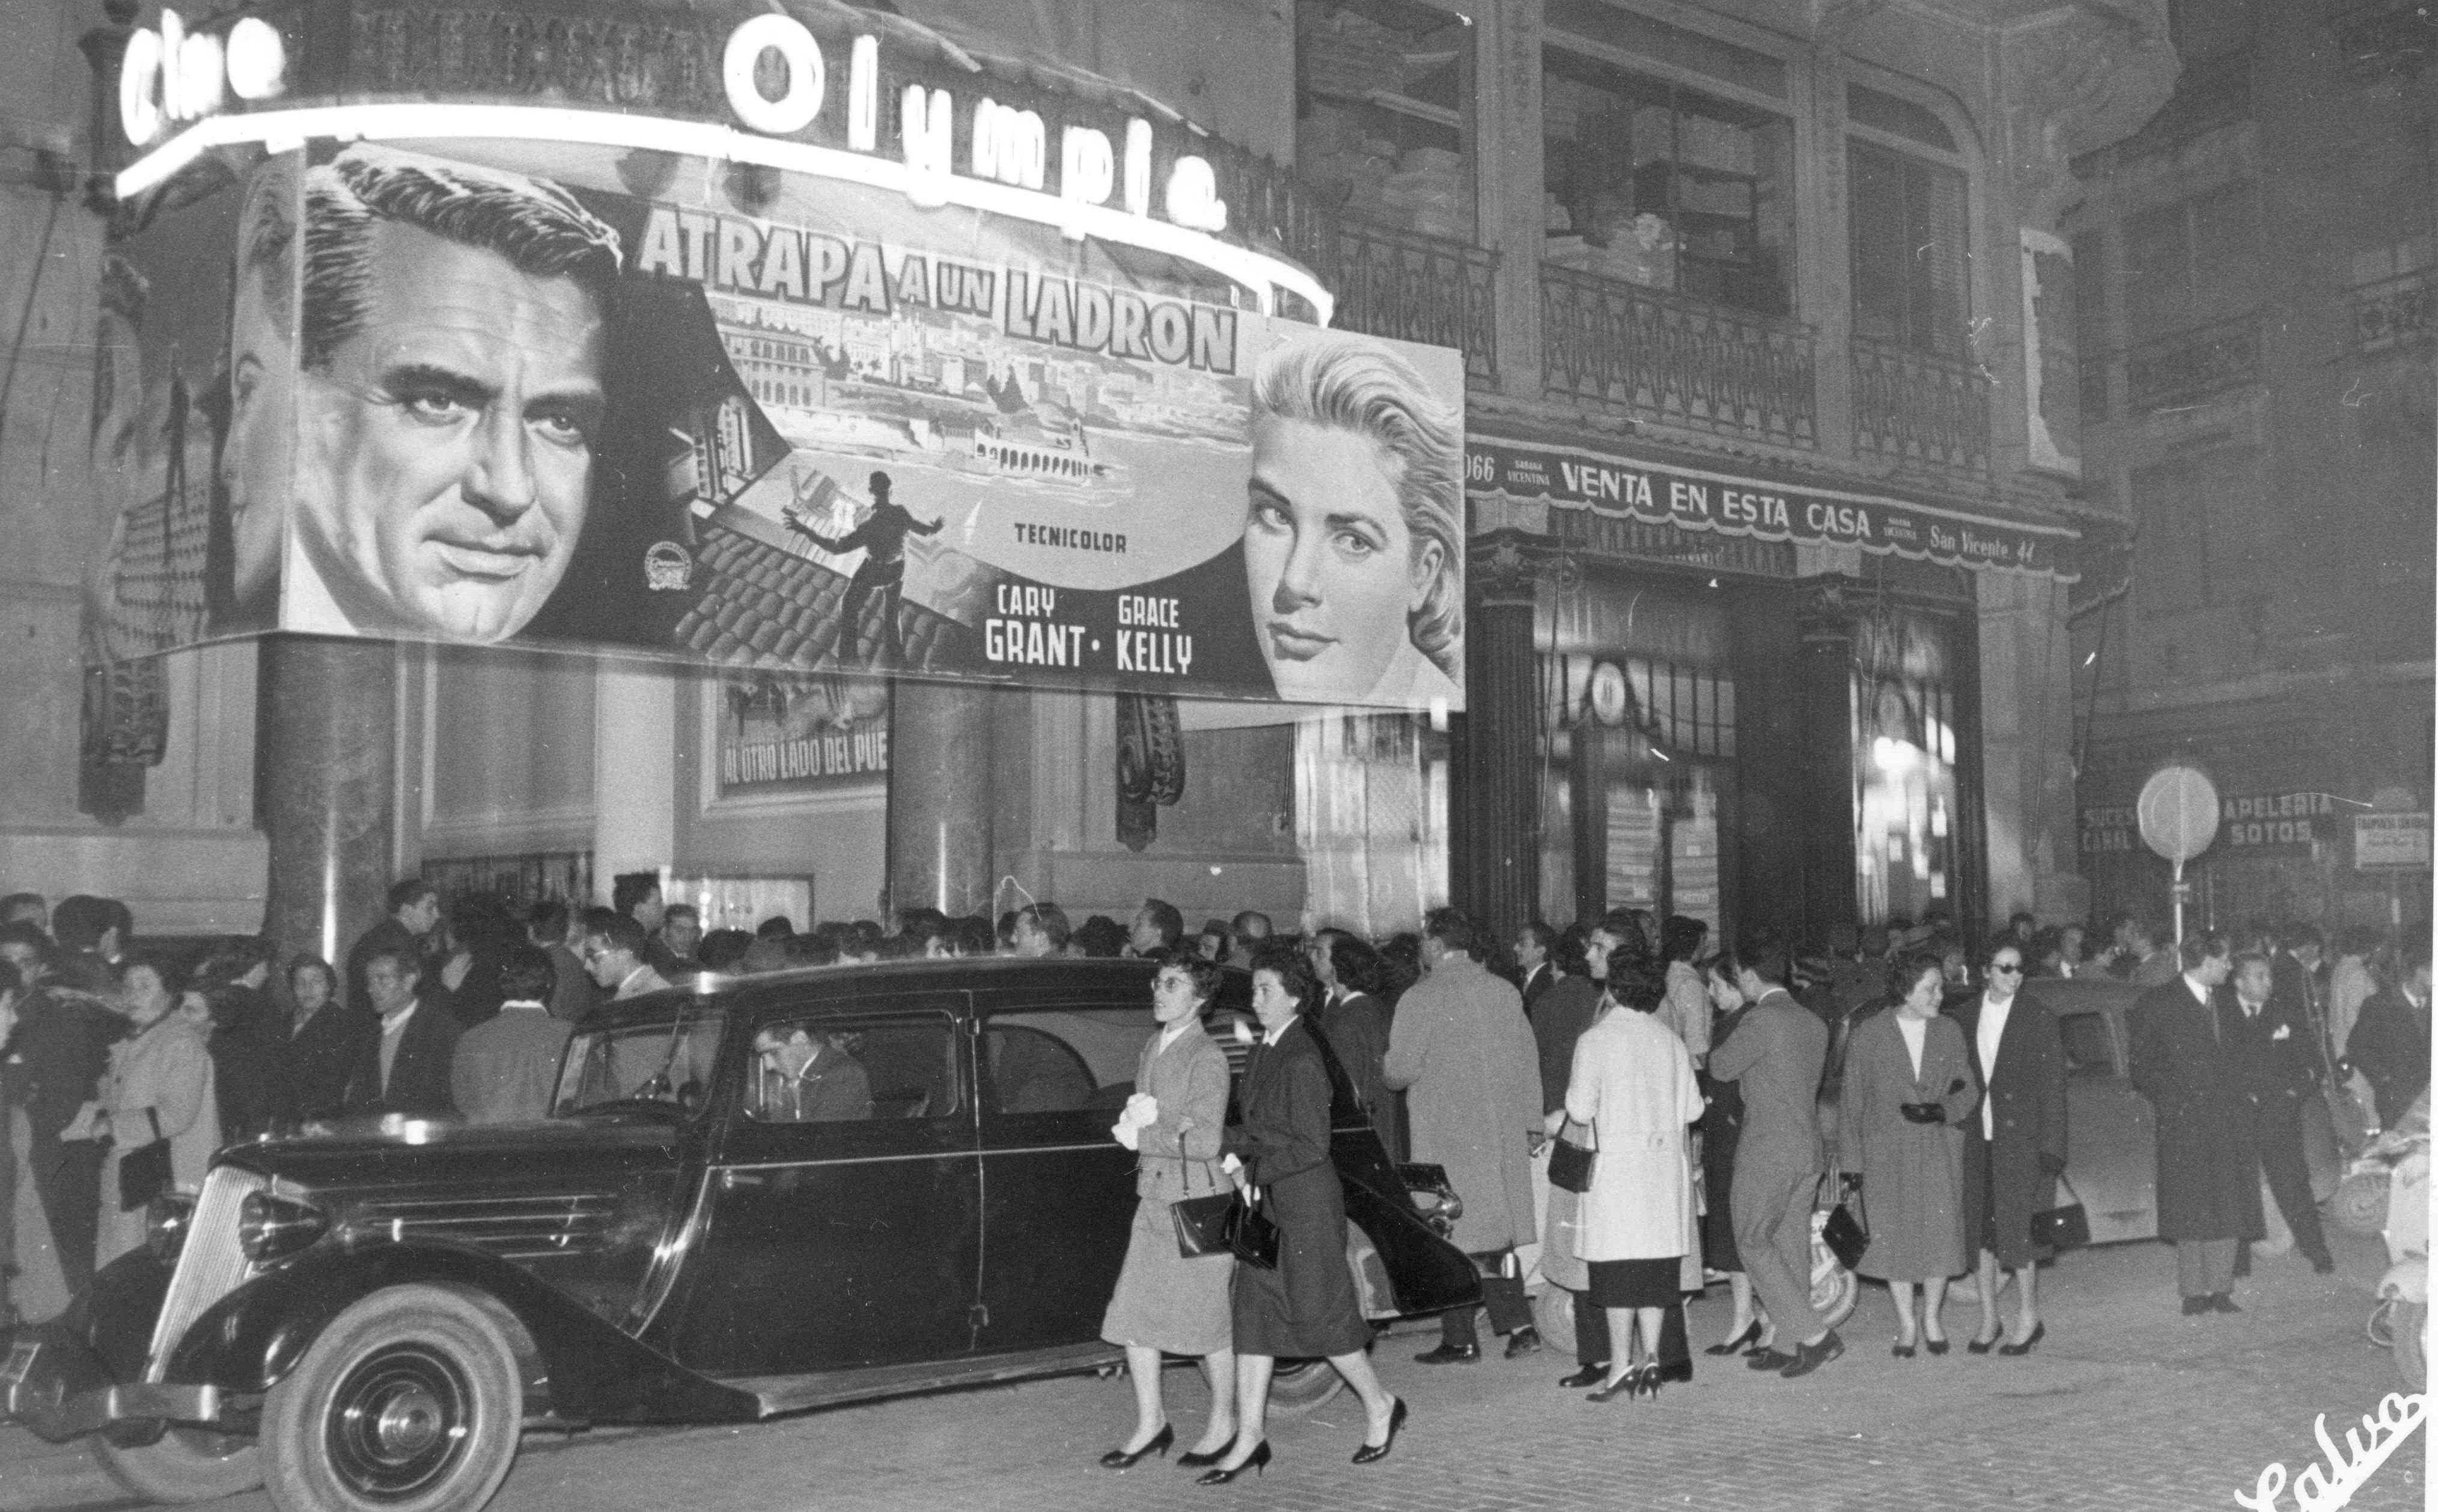 Antonio Calvo / Fachada y cartel publicitario del cine Olympia, 1951